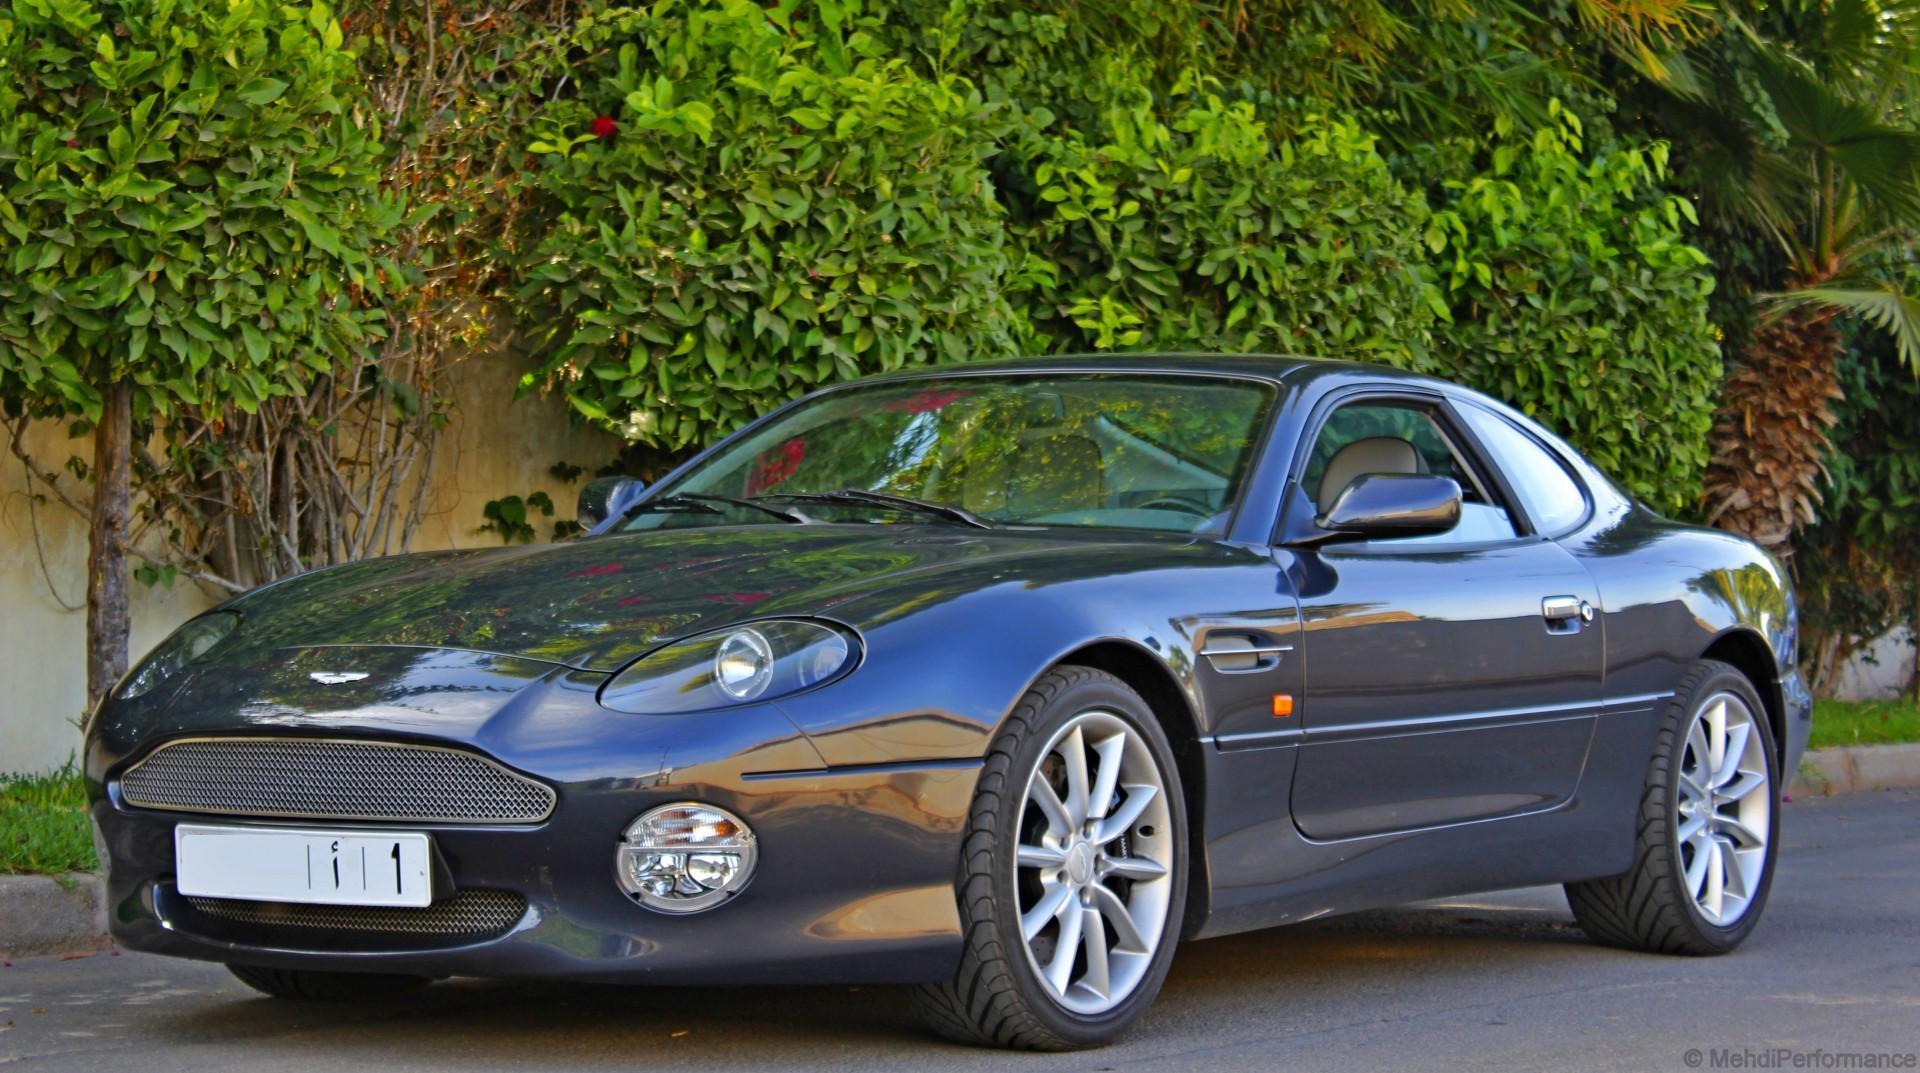 DB7 Vantage : L'une des rares Aston Martin au Maroc